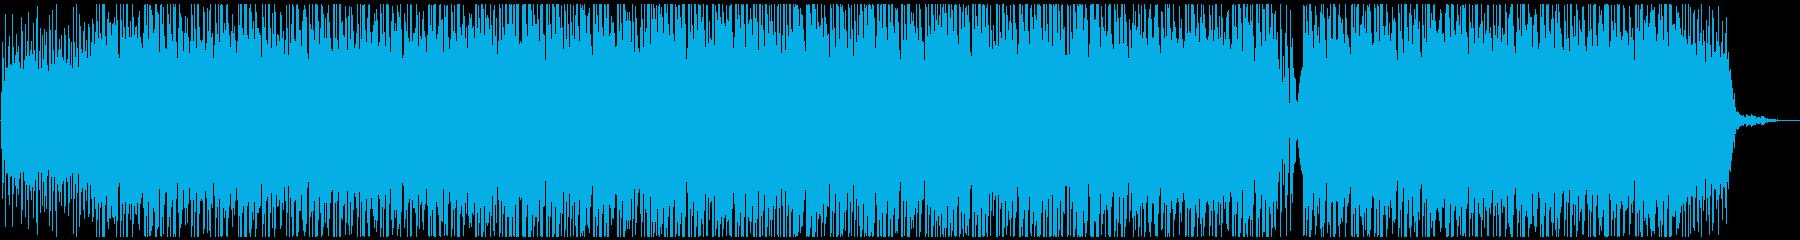 企業向オープニング 爽やかピアノポップの再生済みの波形